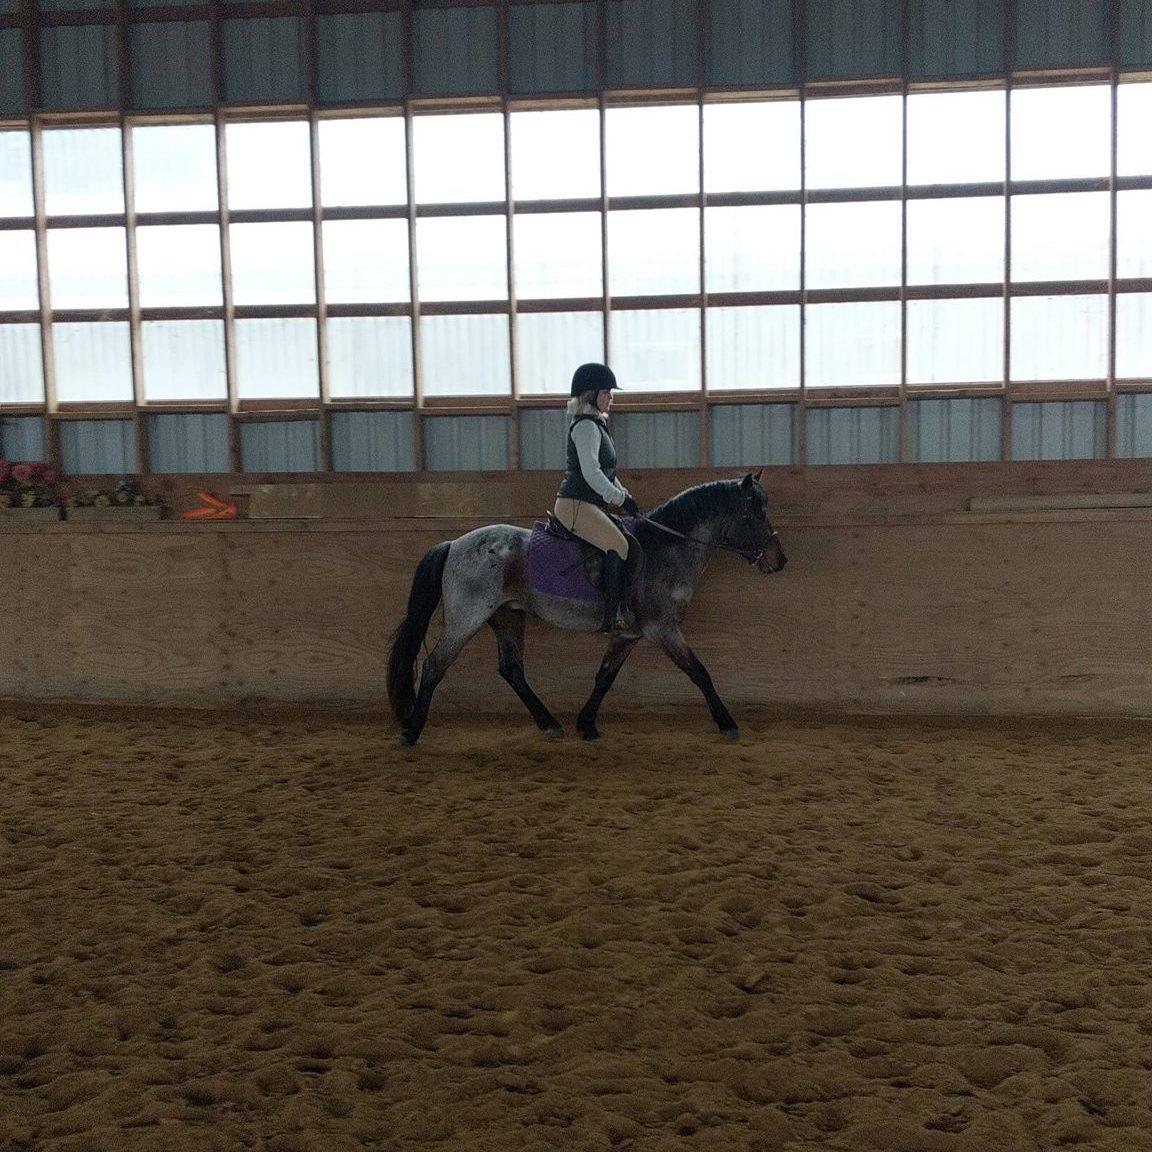 Trotting Under Saddle